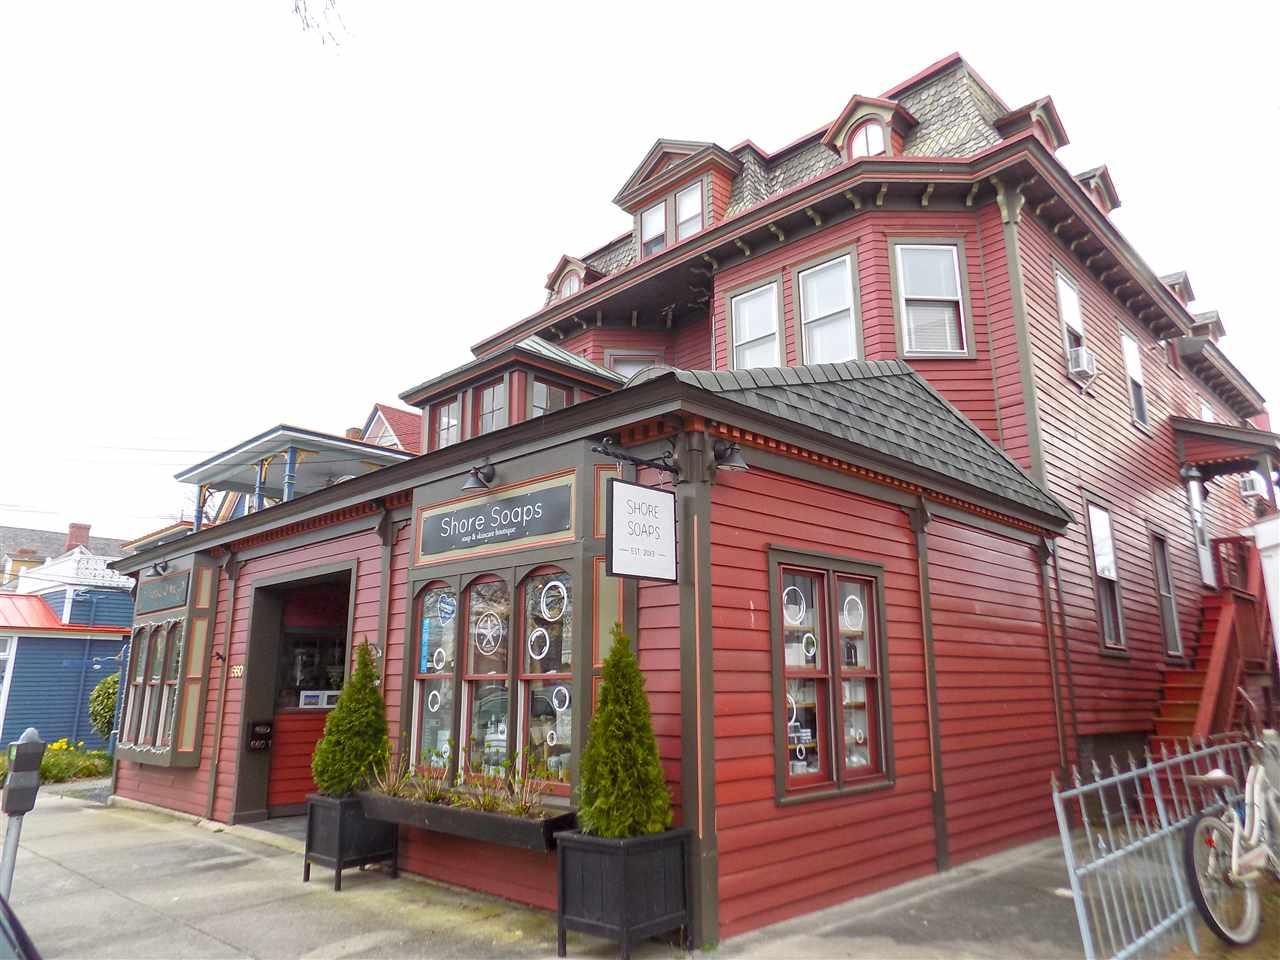 658 C Washington Street - Cape May